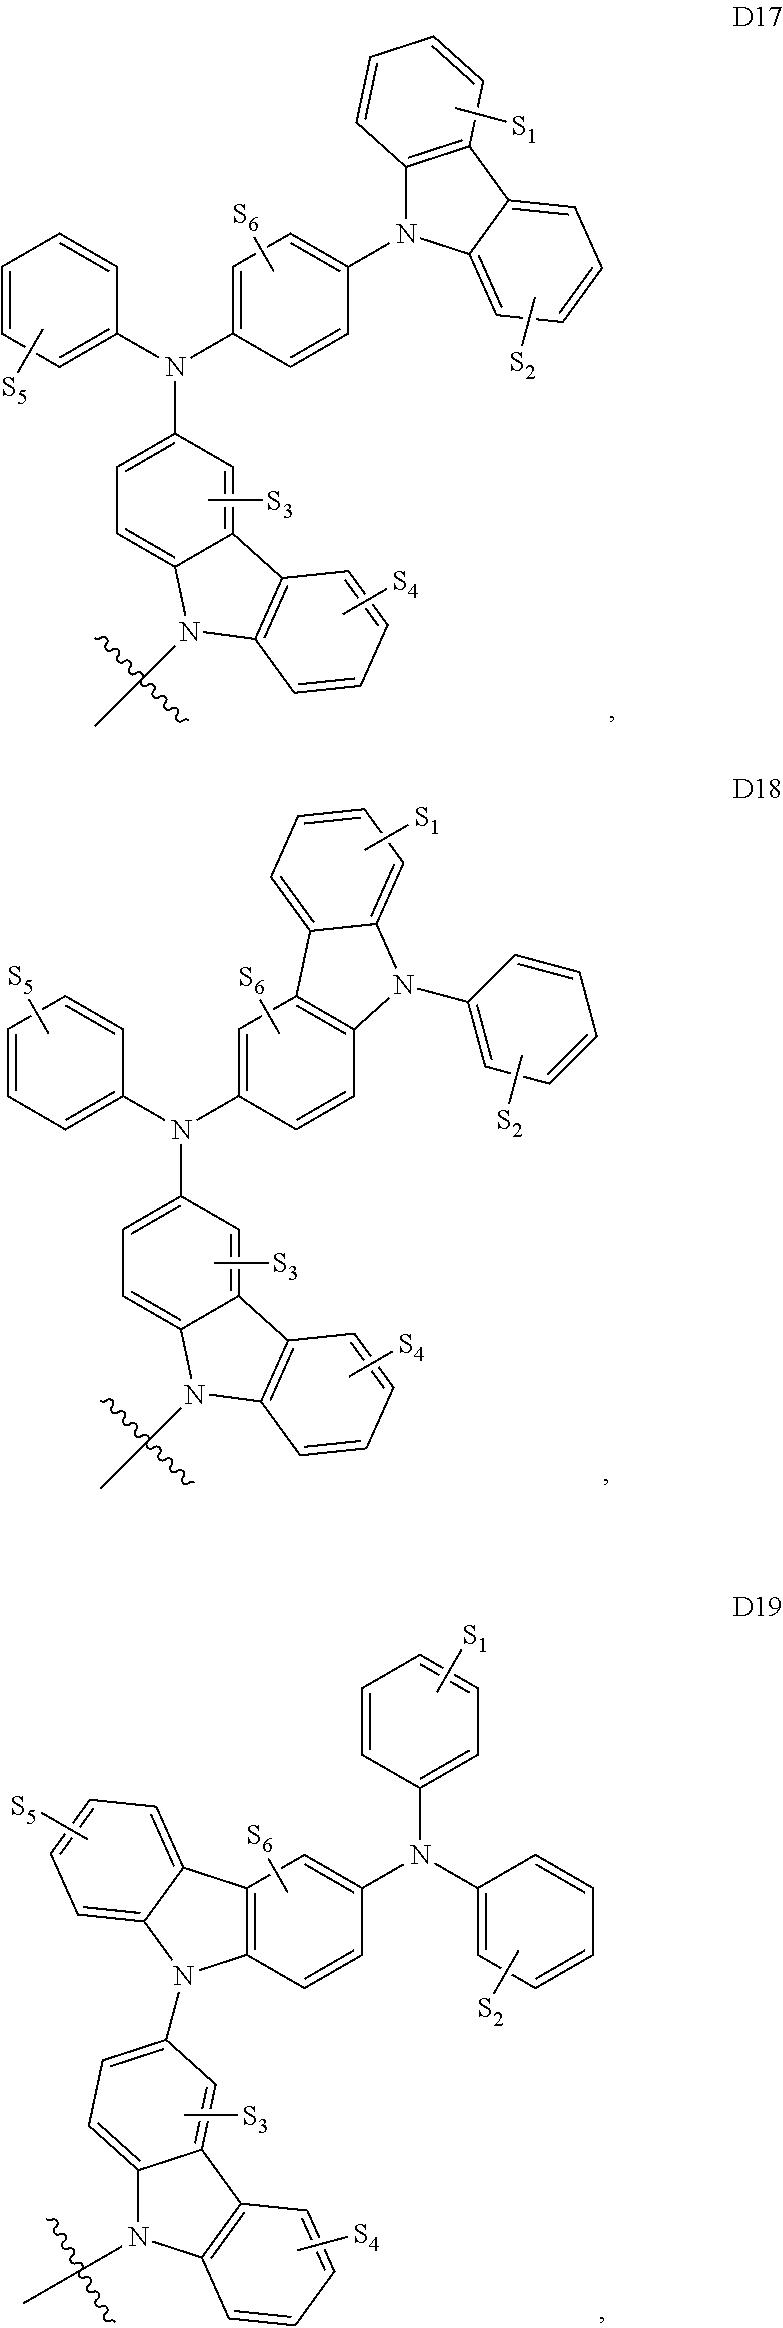 Figure US09324949-20160426-C00008